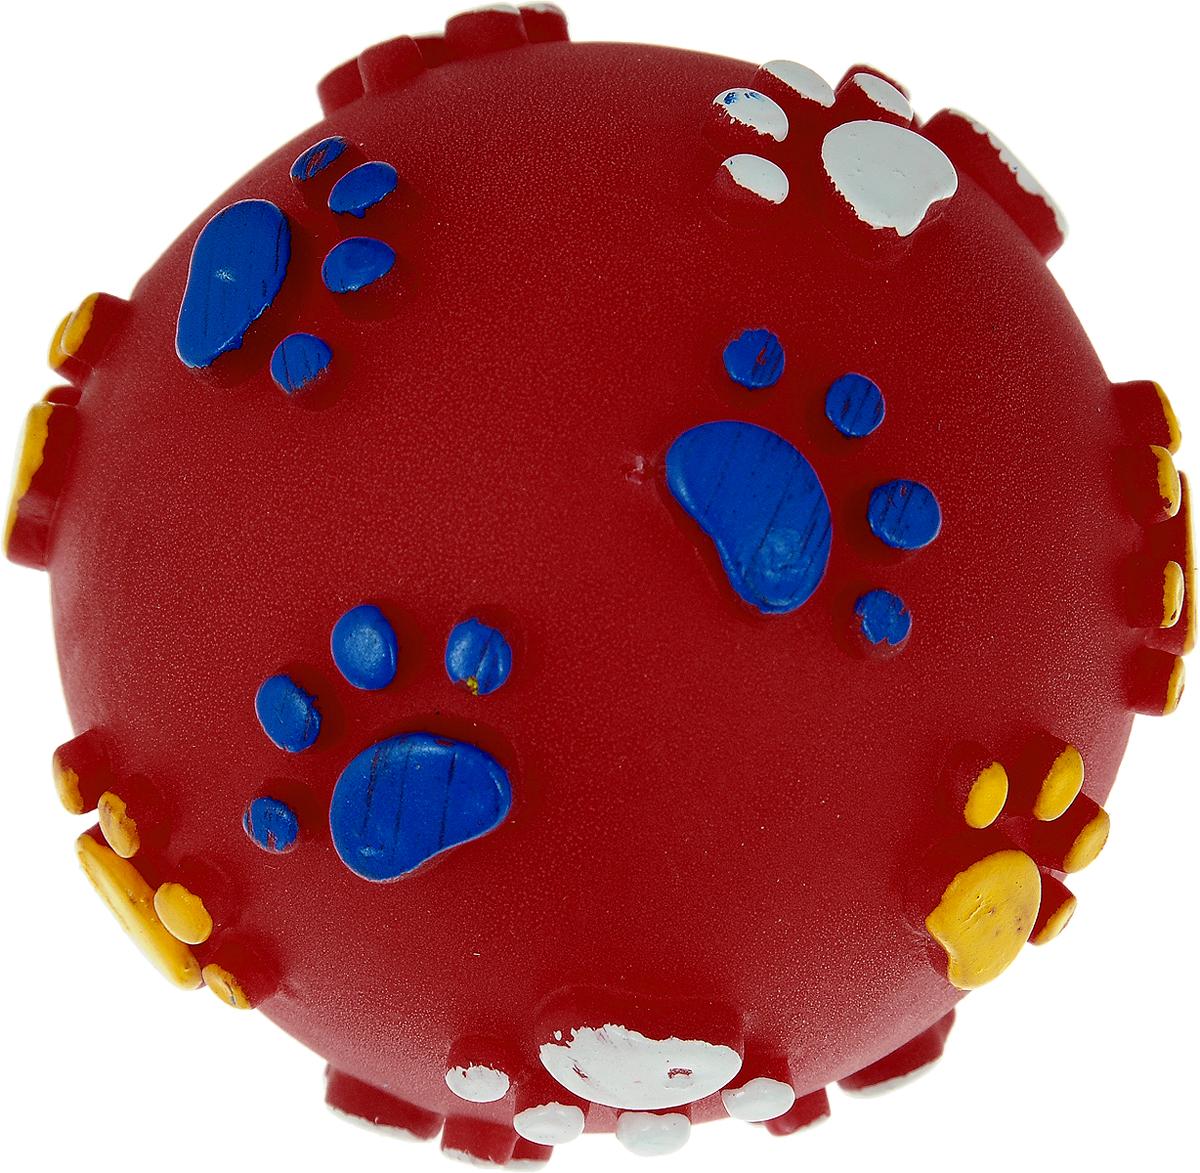 Игрушка для собак Каскад Мяч. Лапки, цвет: красный, диаметр 6 см игрушка для животных каскад мячик пробковый диаметр 3 5 см